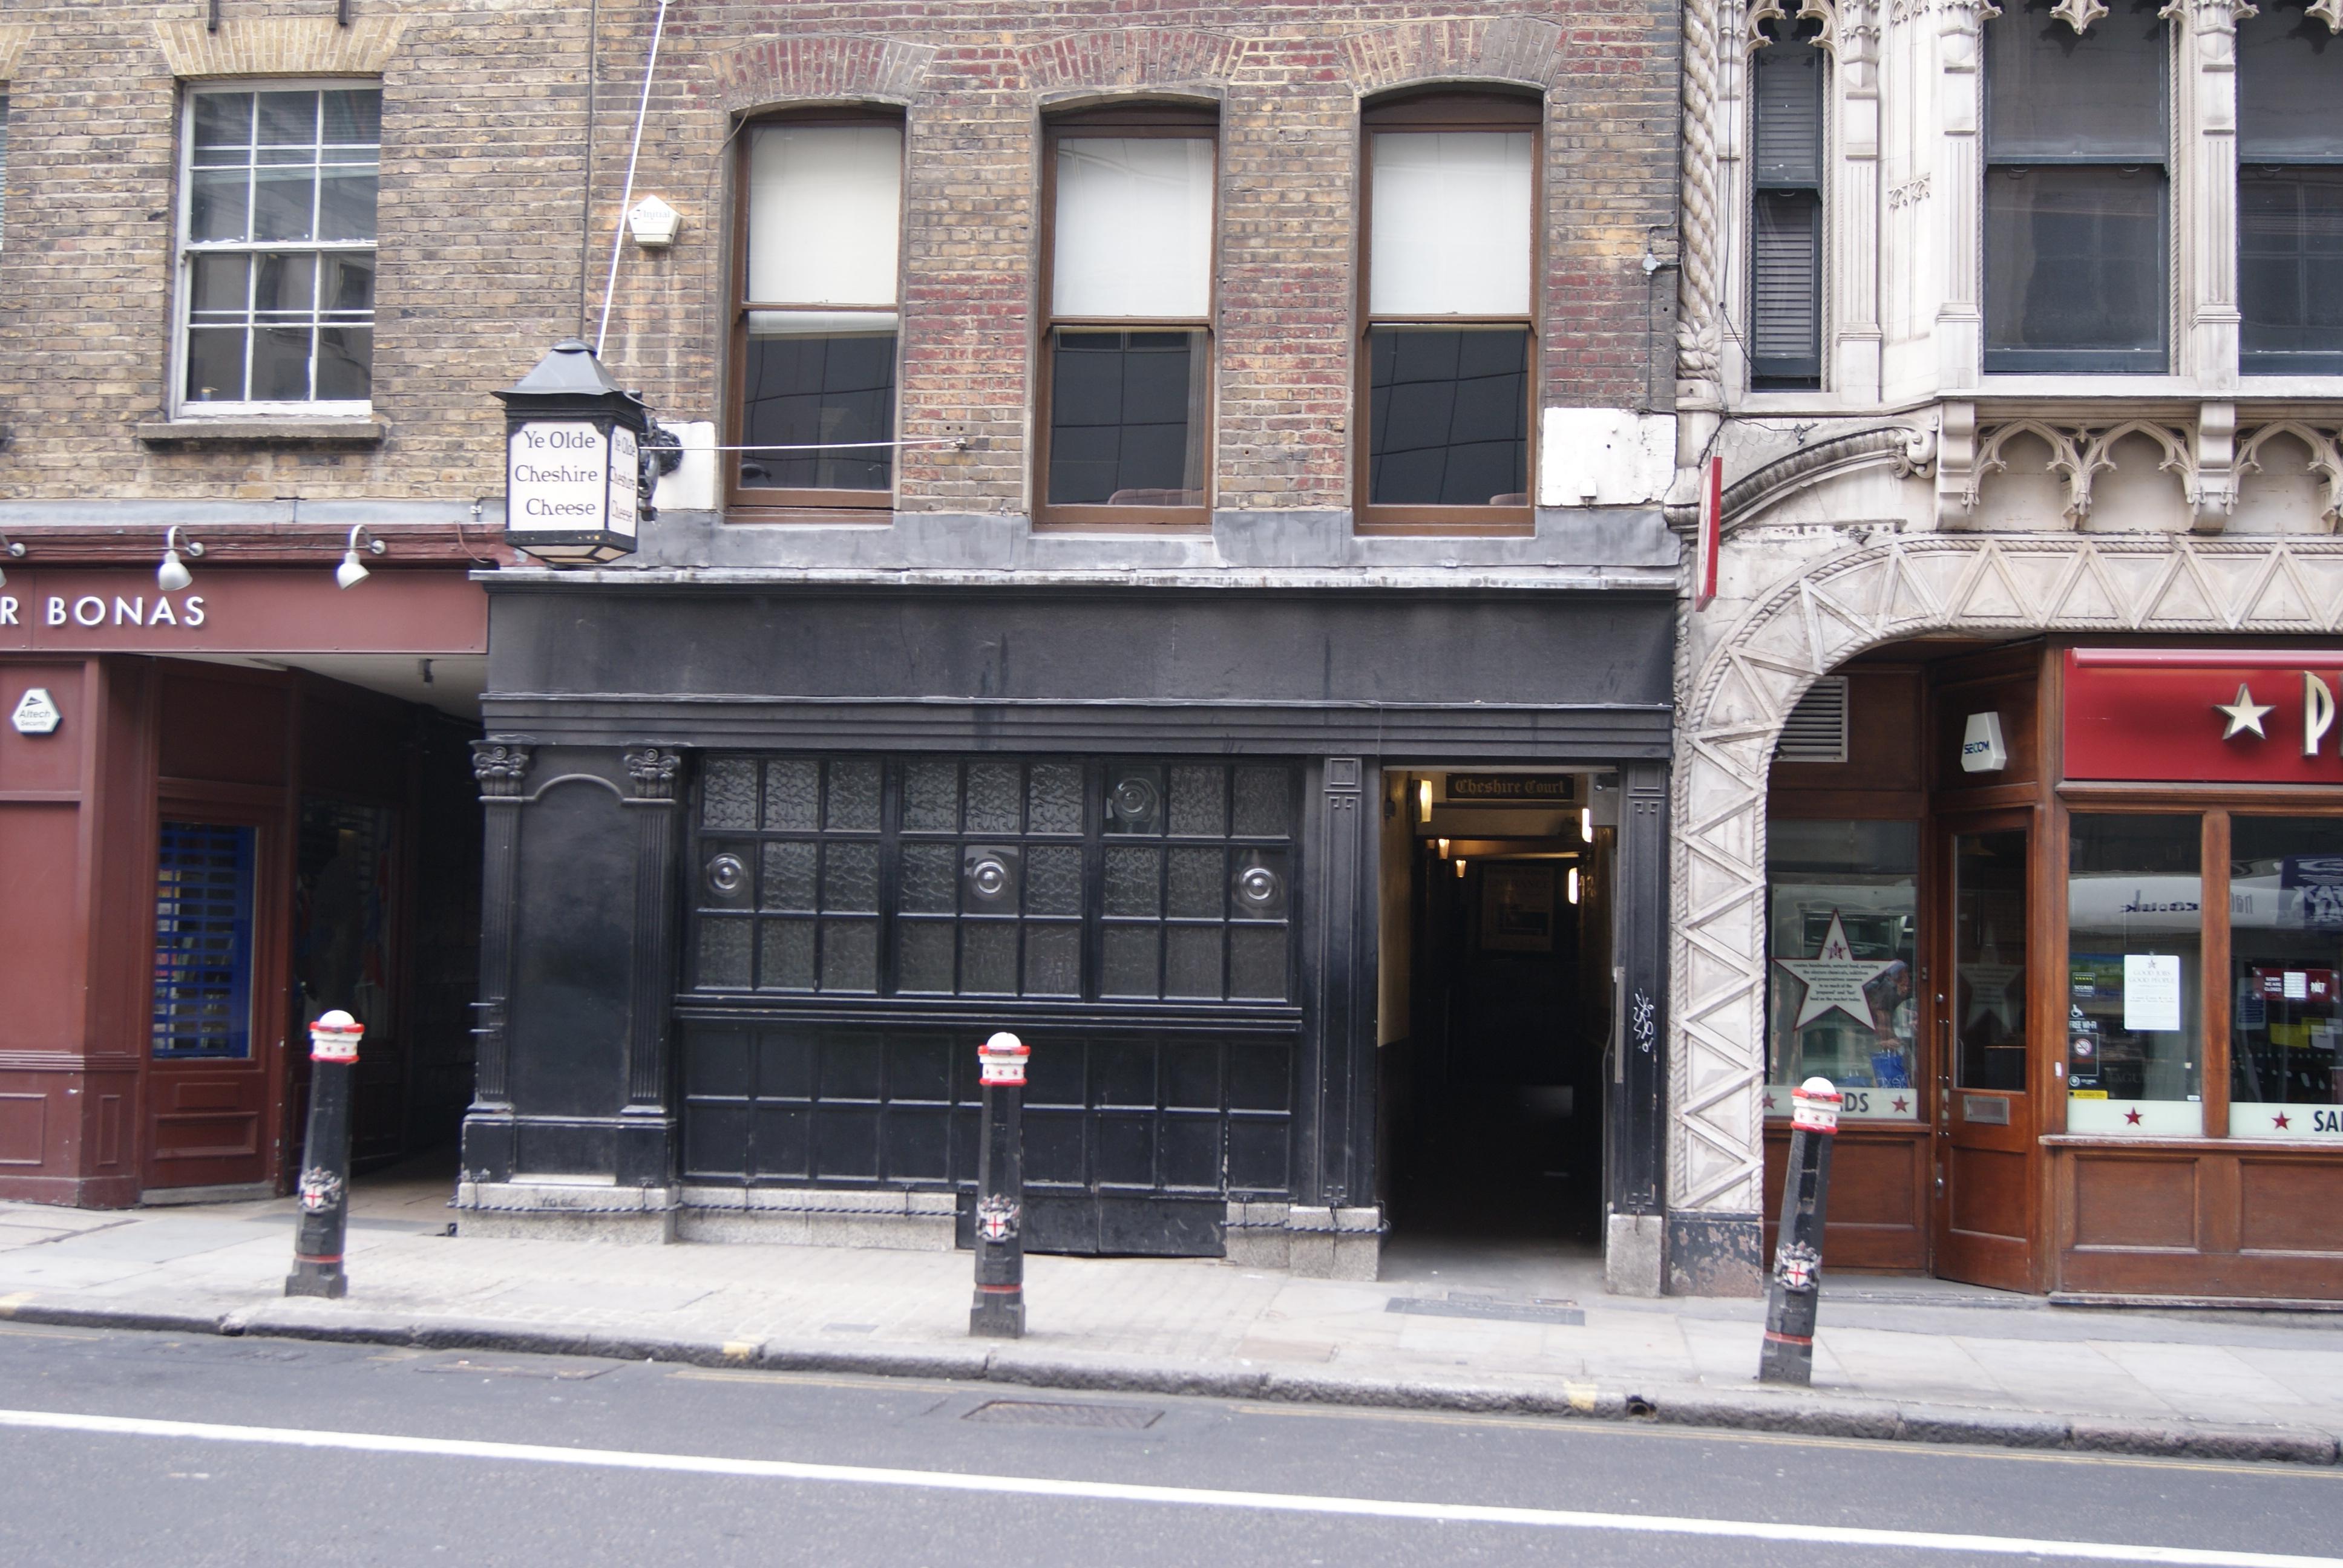 Ye Olde Cheshire Cheese 145 Fleet Street London April 2011 Foodie Explorers